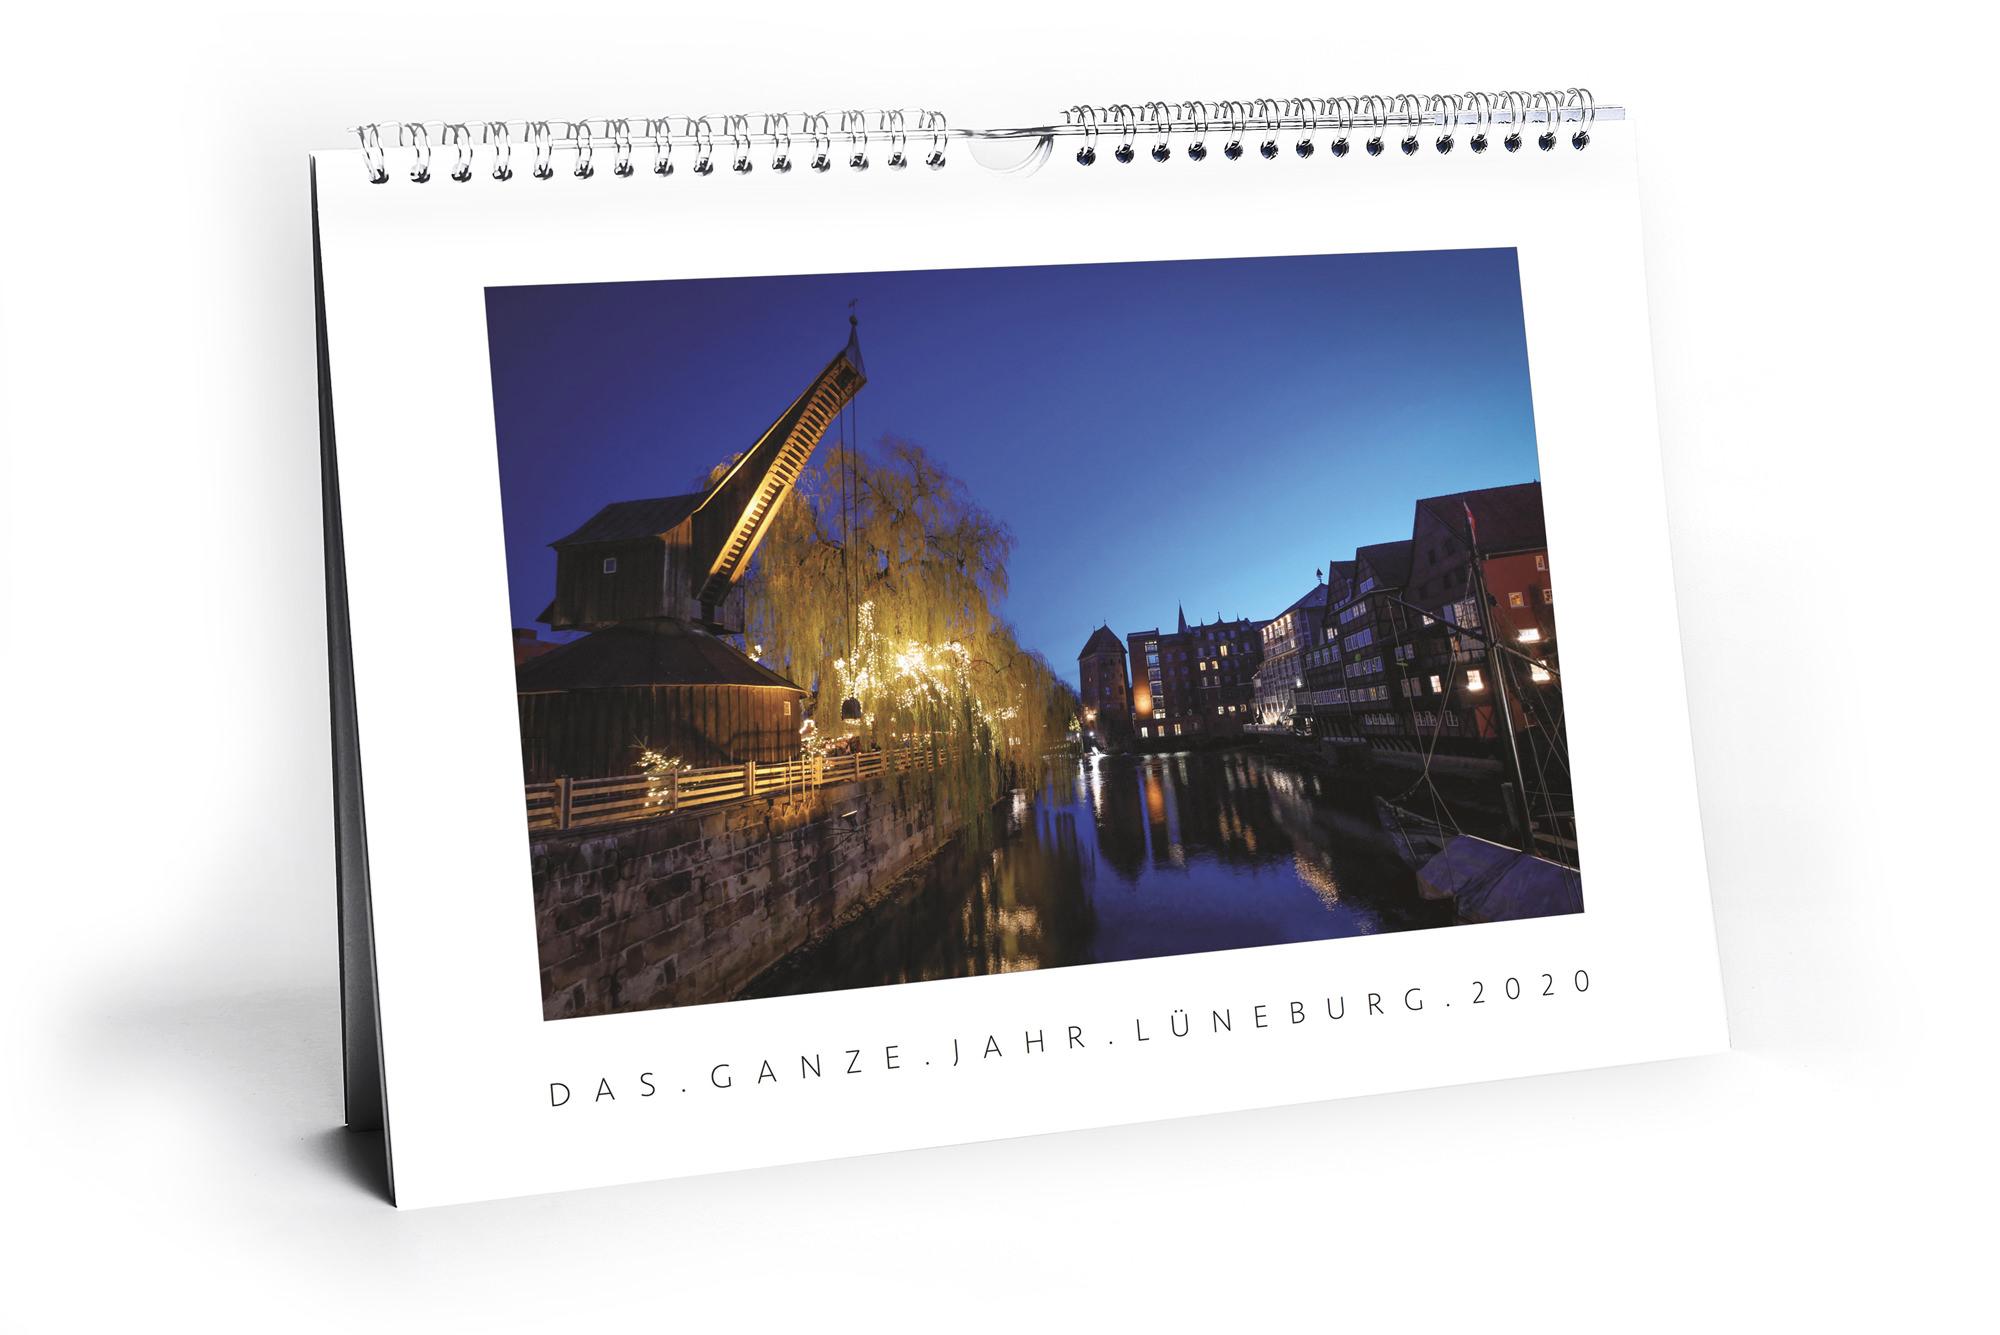 Das ganze Jahr Lüneburg. Wandkalender 2020, erscheint jährlich